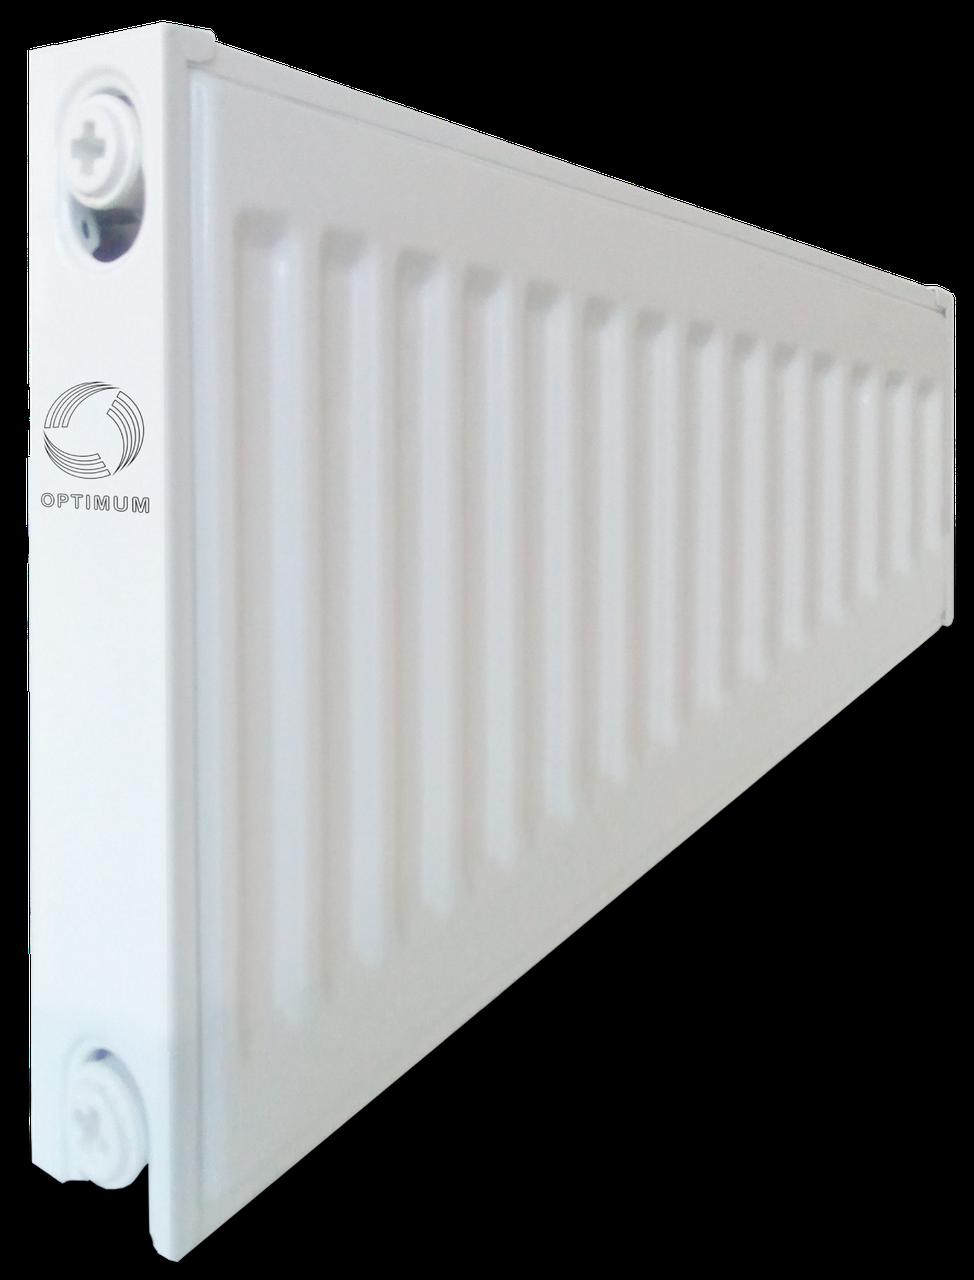 Радиатор стальной панельный OPTIMUM 11 бок 300x600